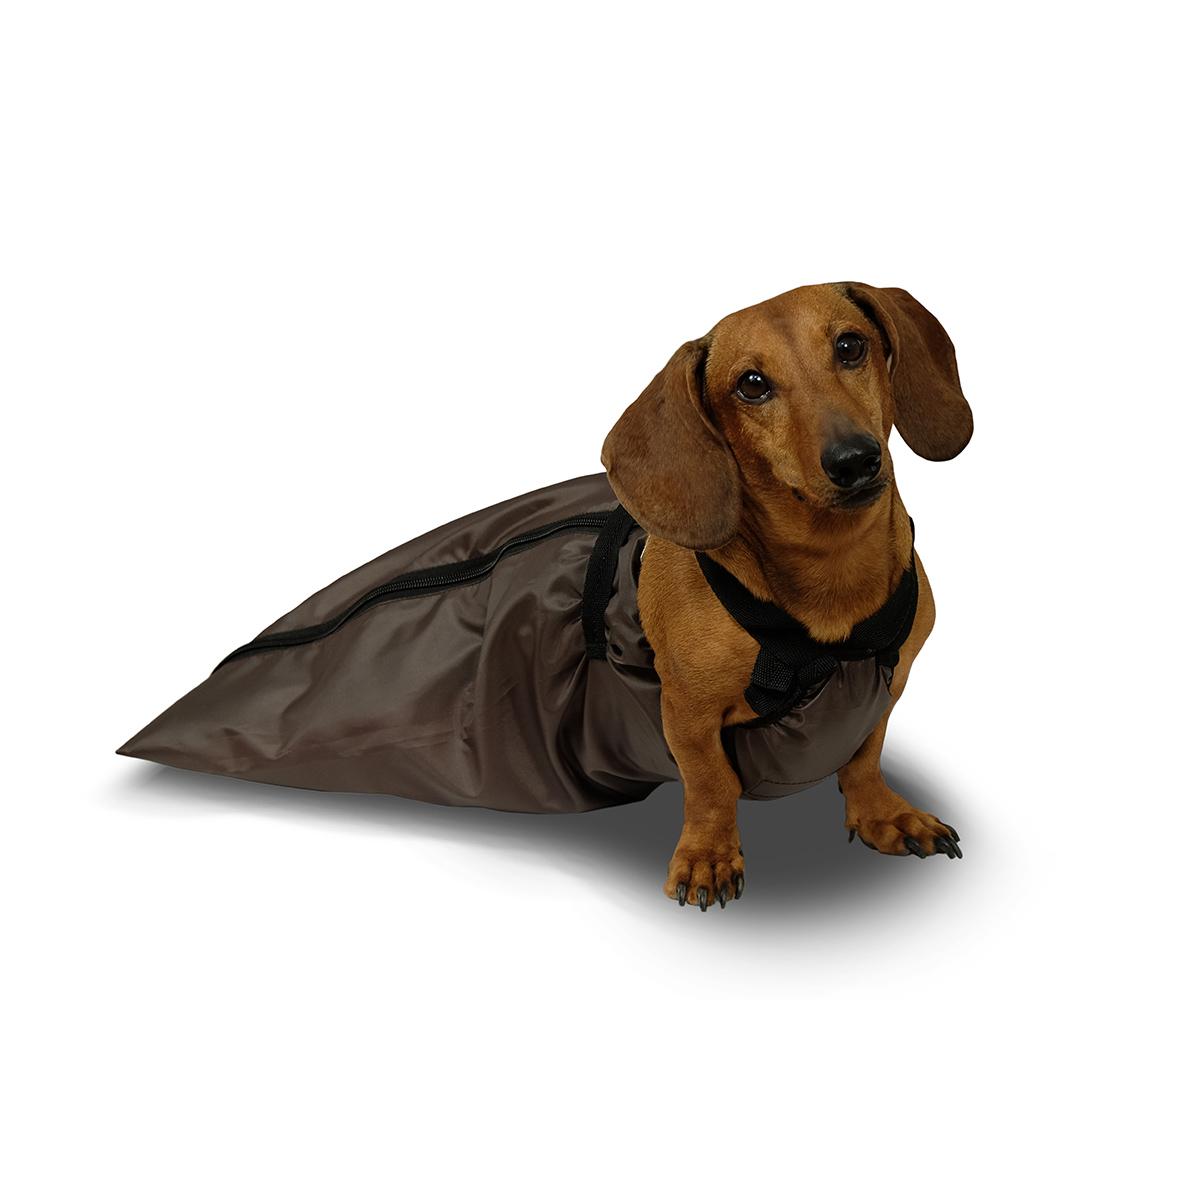 Конверт — ползунки для собак с заболеваниями позвоночника